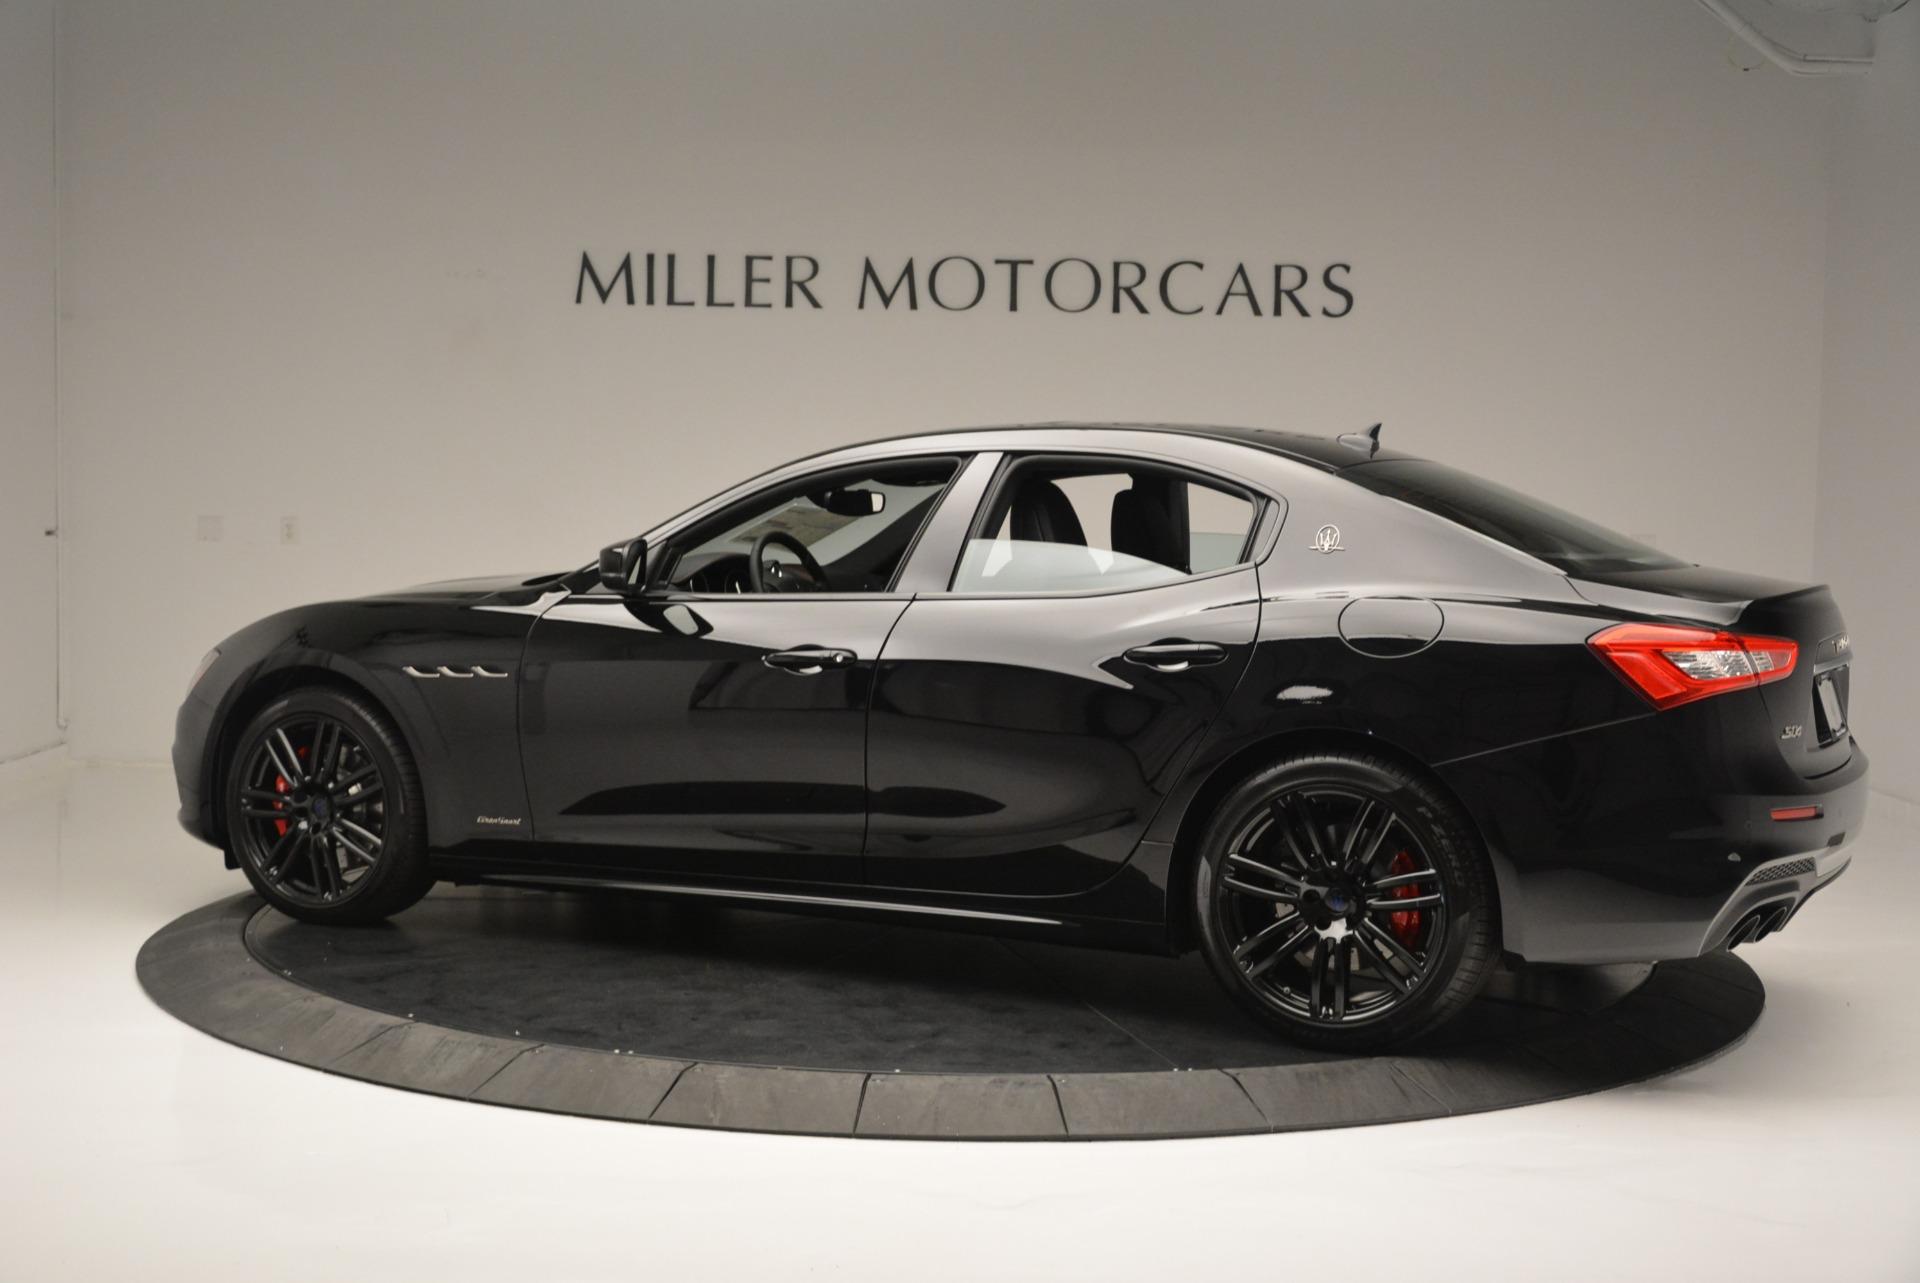 New 2018 Maserati Ghibli SQ4 GranSport Nerissimo For Sale In Greenwich, CT. Alfa Romeo of Greenwich, M2173 2368_p4